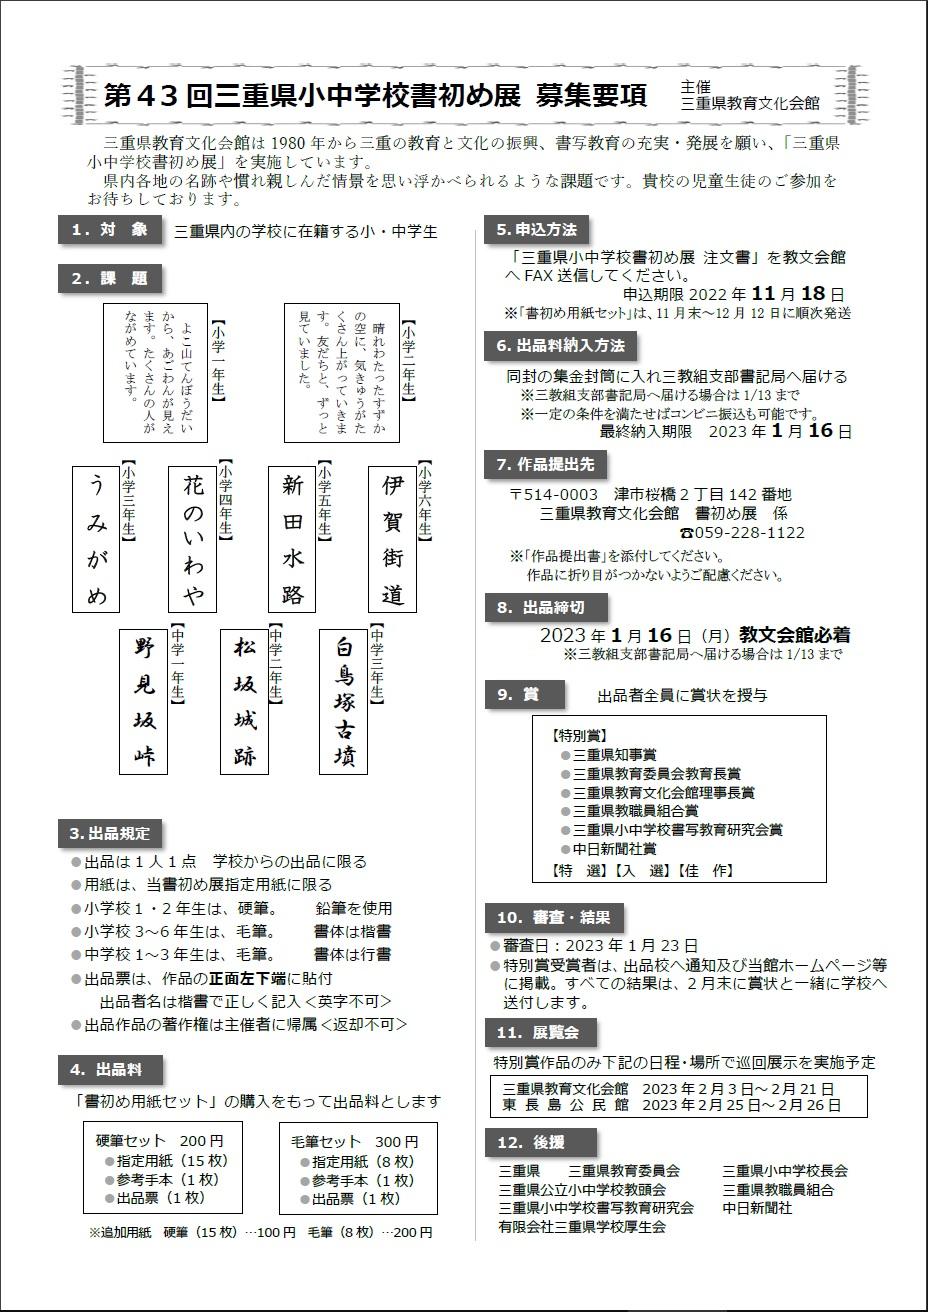 ホームページ 三重 県 の